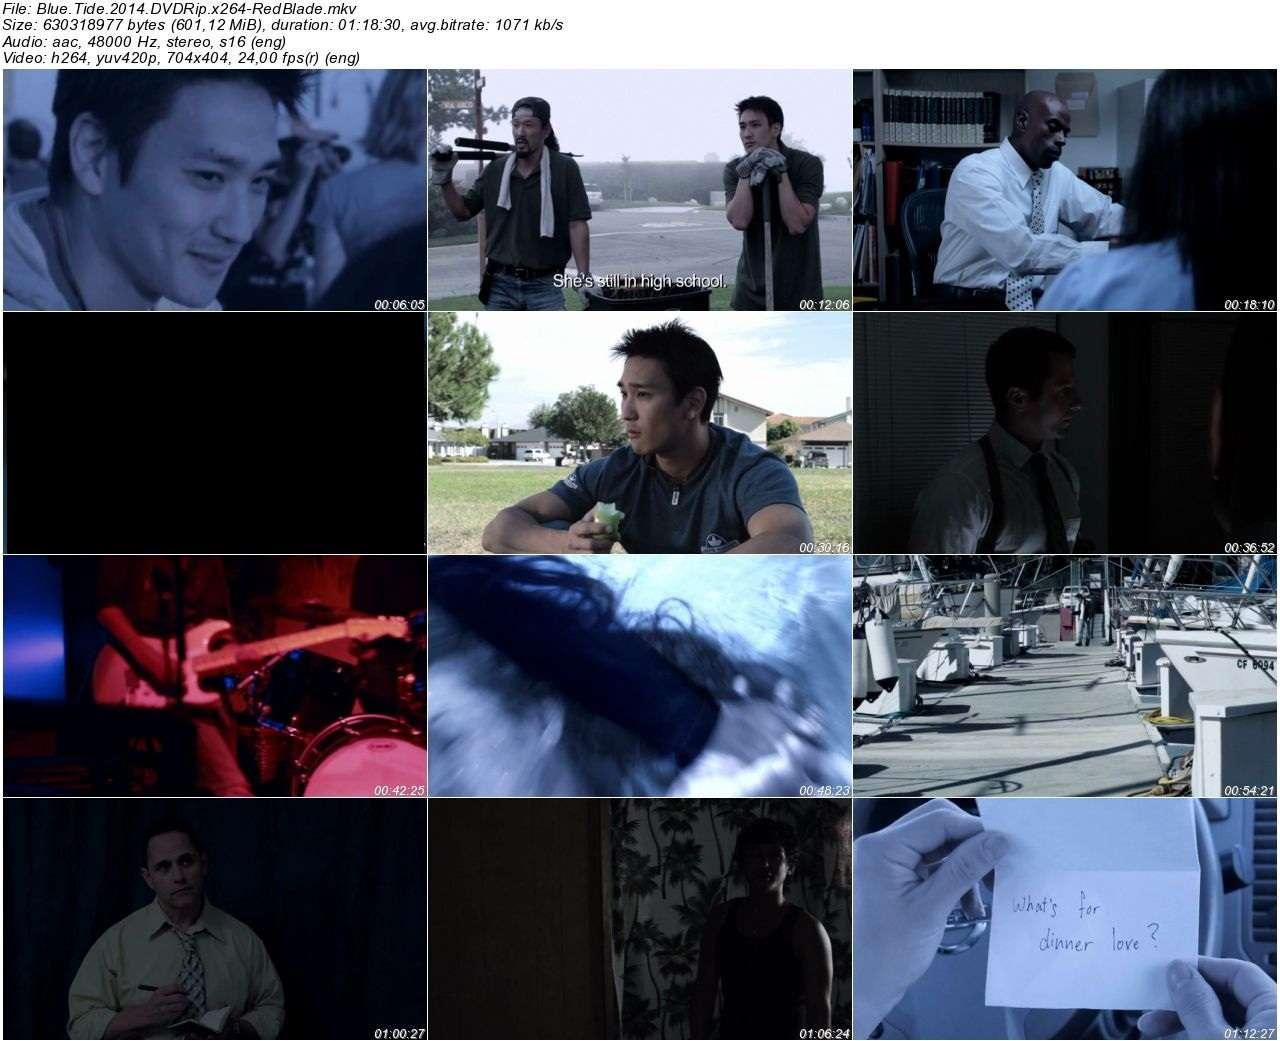 Blue Tide - 2014 DVDRip x264 - Türkçe Altyazılı Tek Link indir